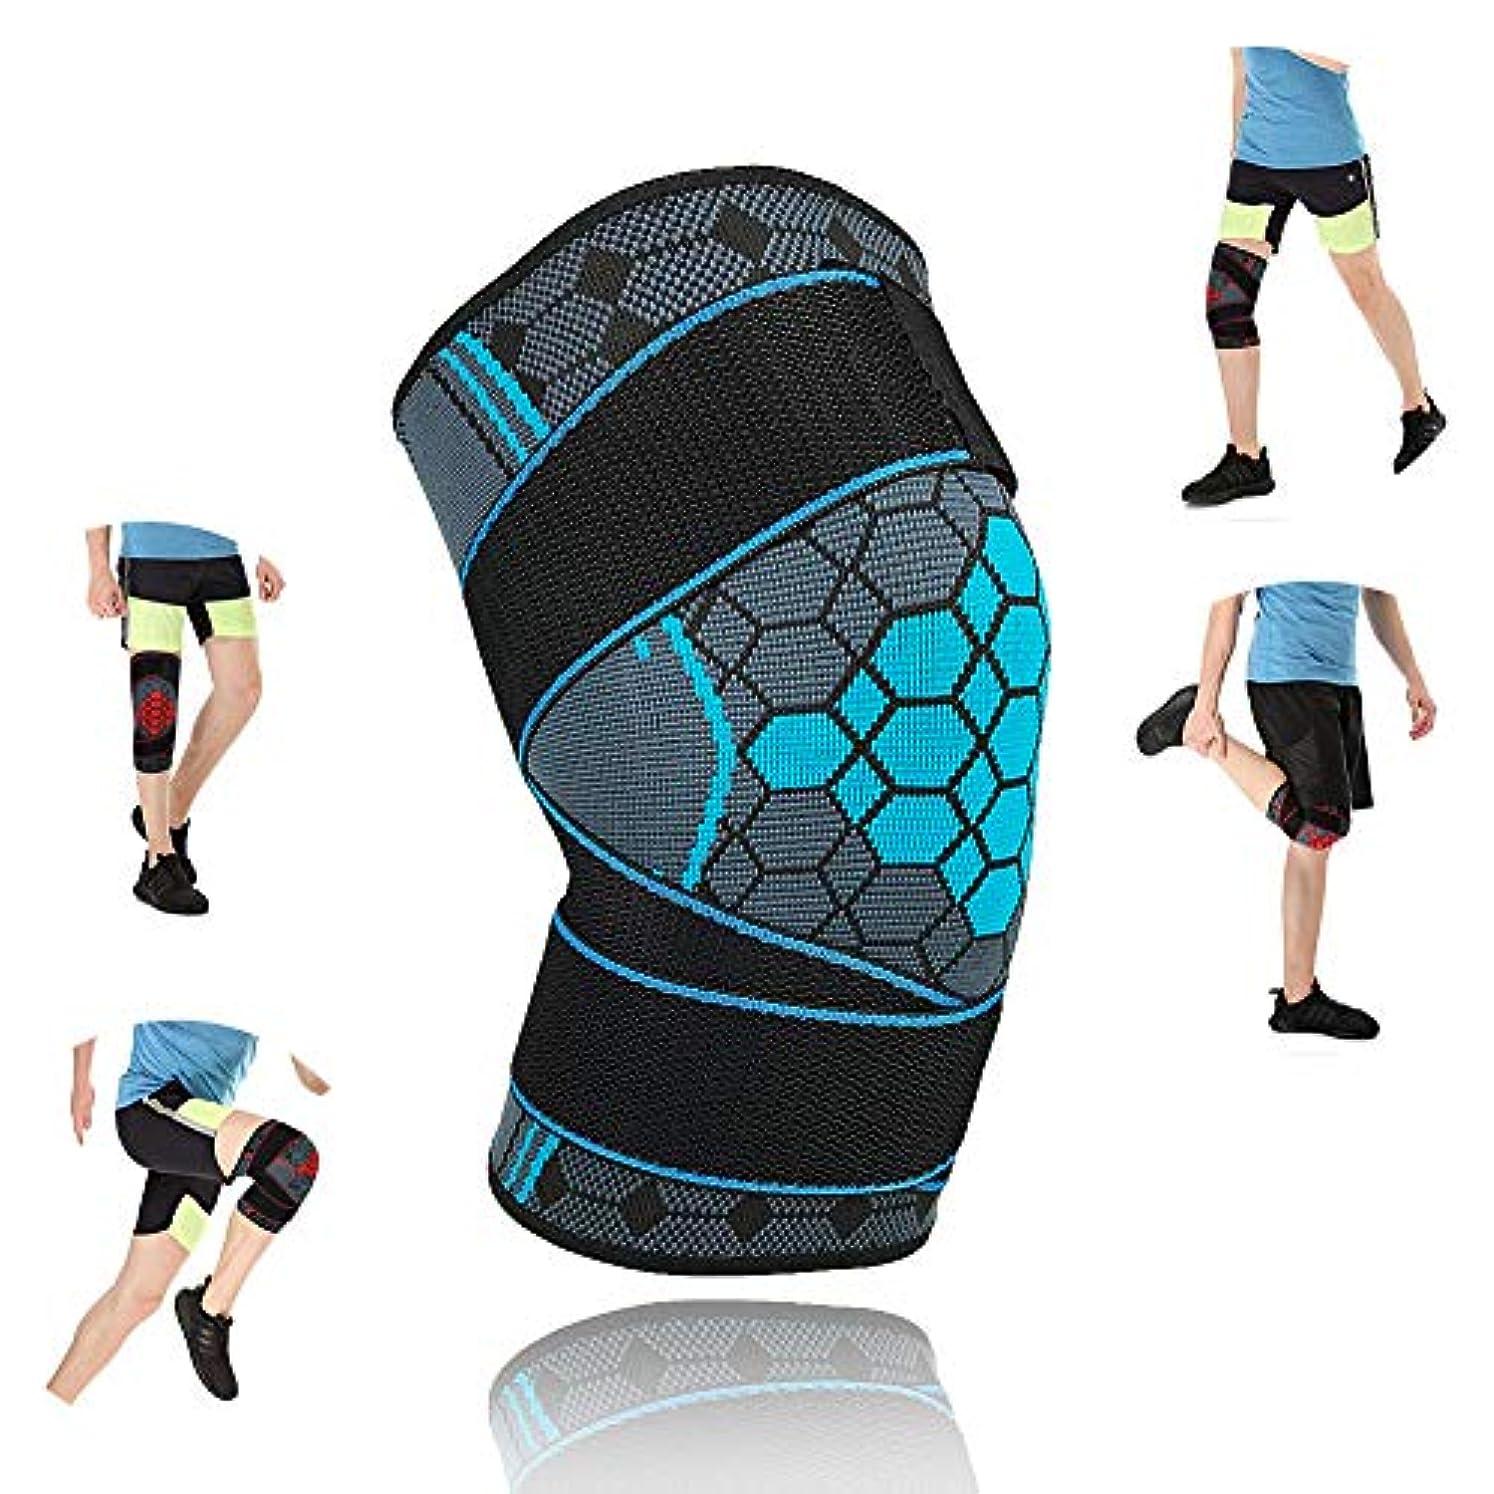 病気知覚的私たち圧迫膝:ランニング、スポーツ、関節や足首の痛みの軽減、関節炎、創傷治癒のための保護